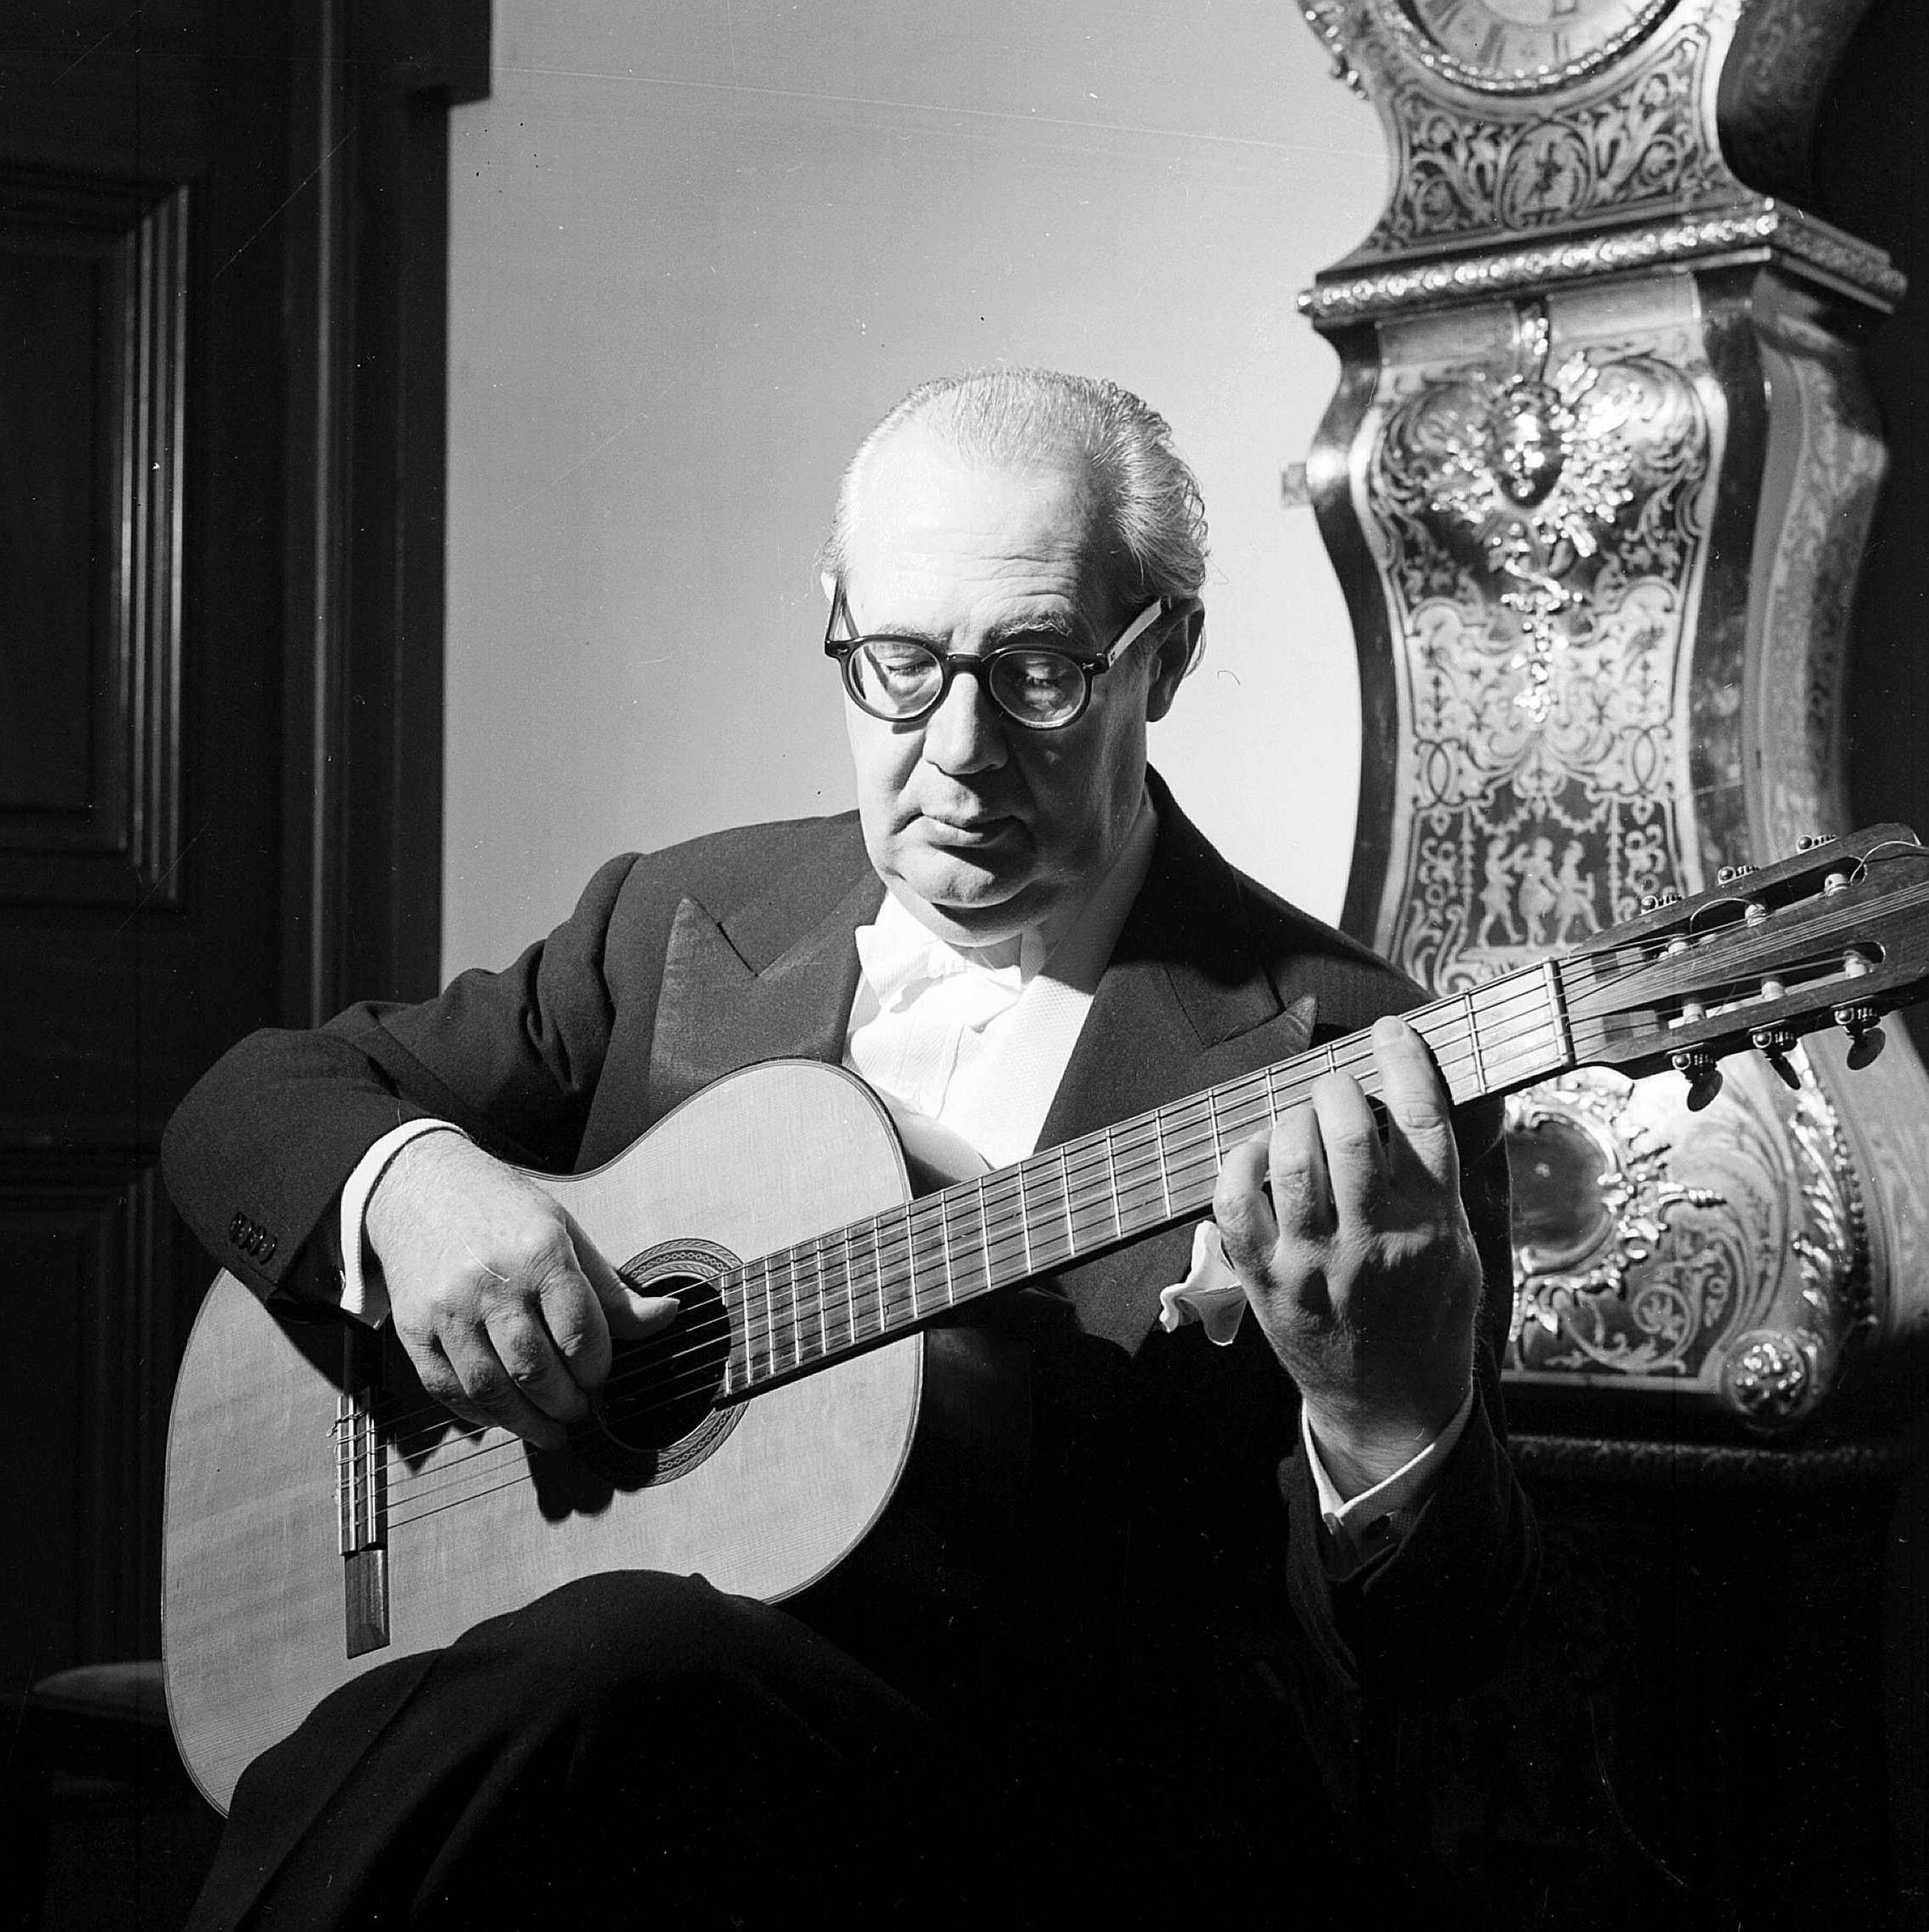 Αντρές Σεγκόβια - ο δάσκαλος της κιθάρας.